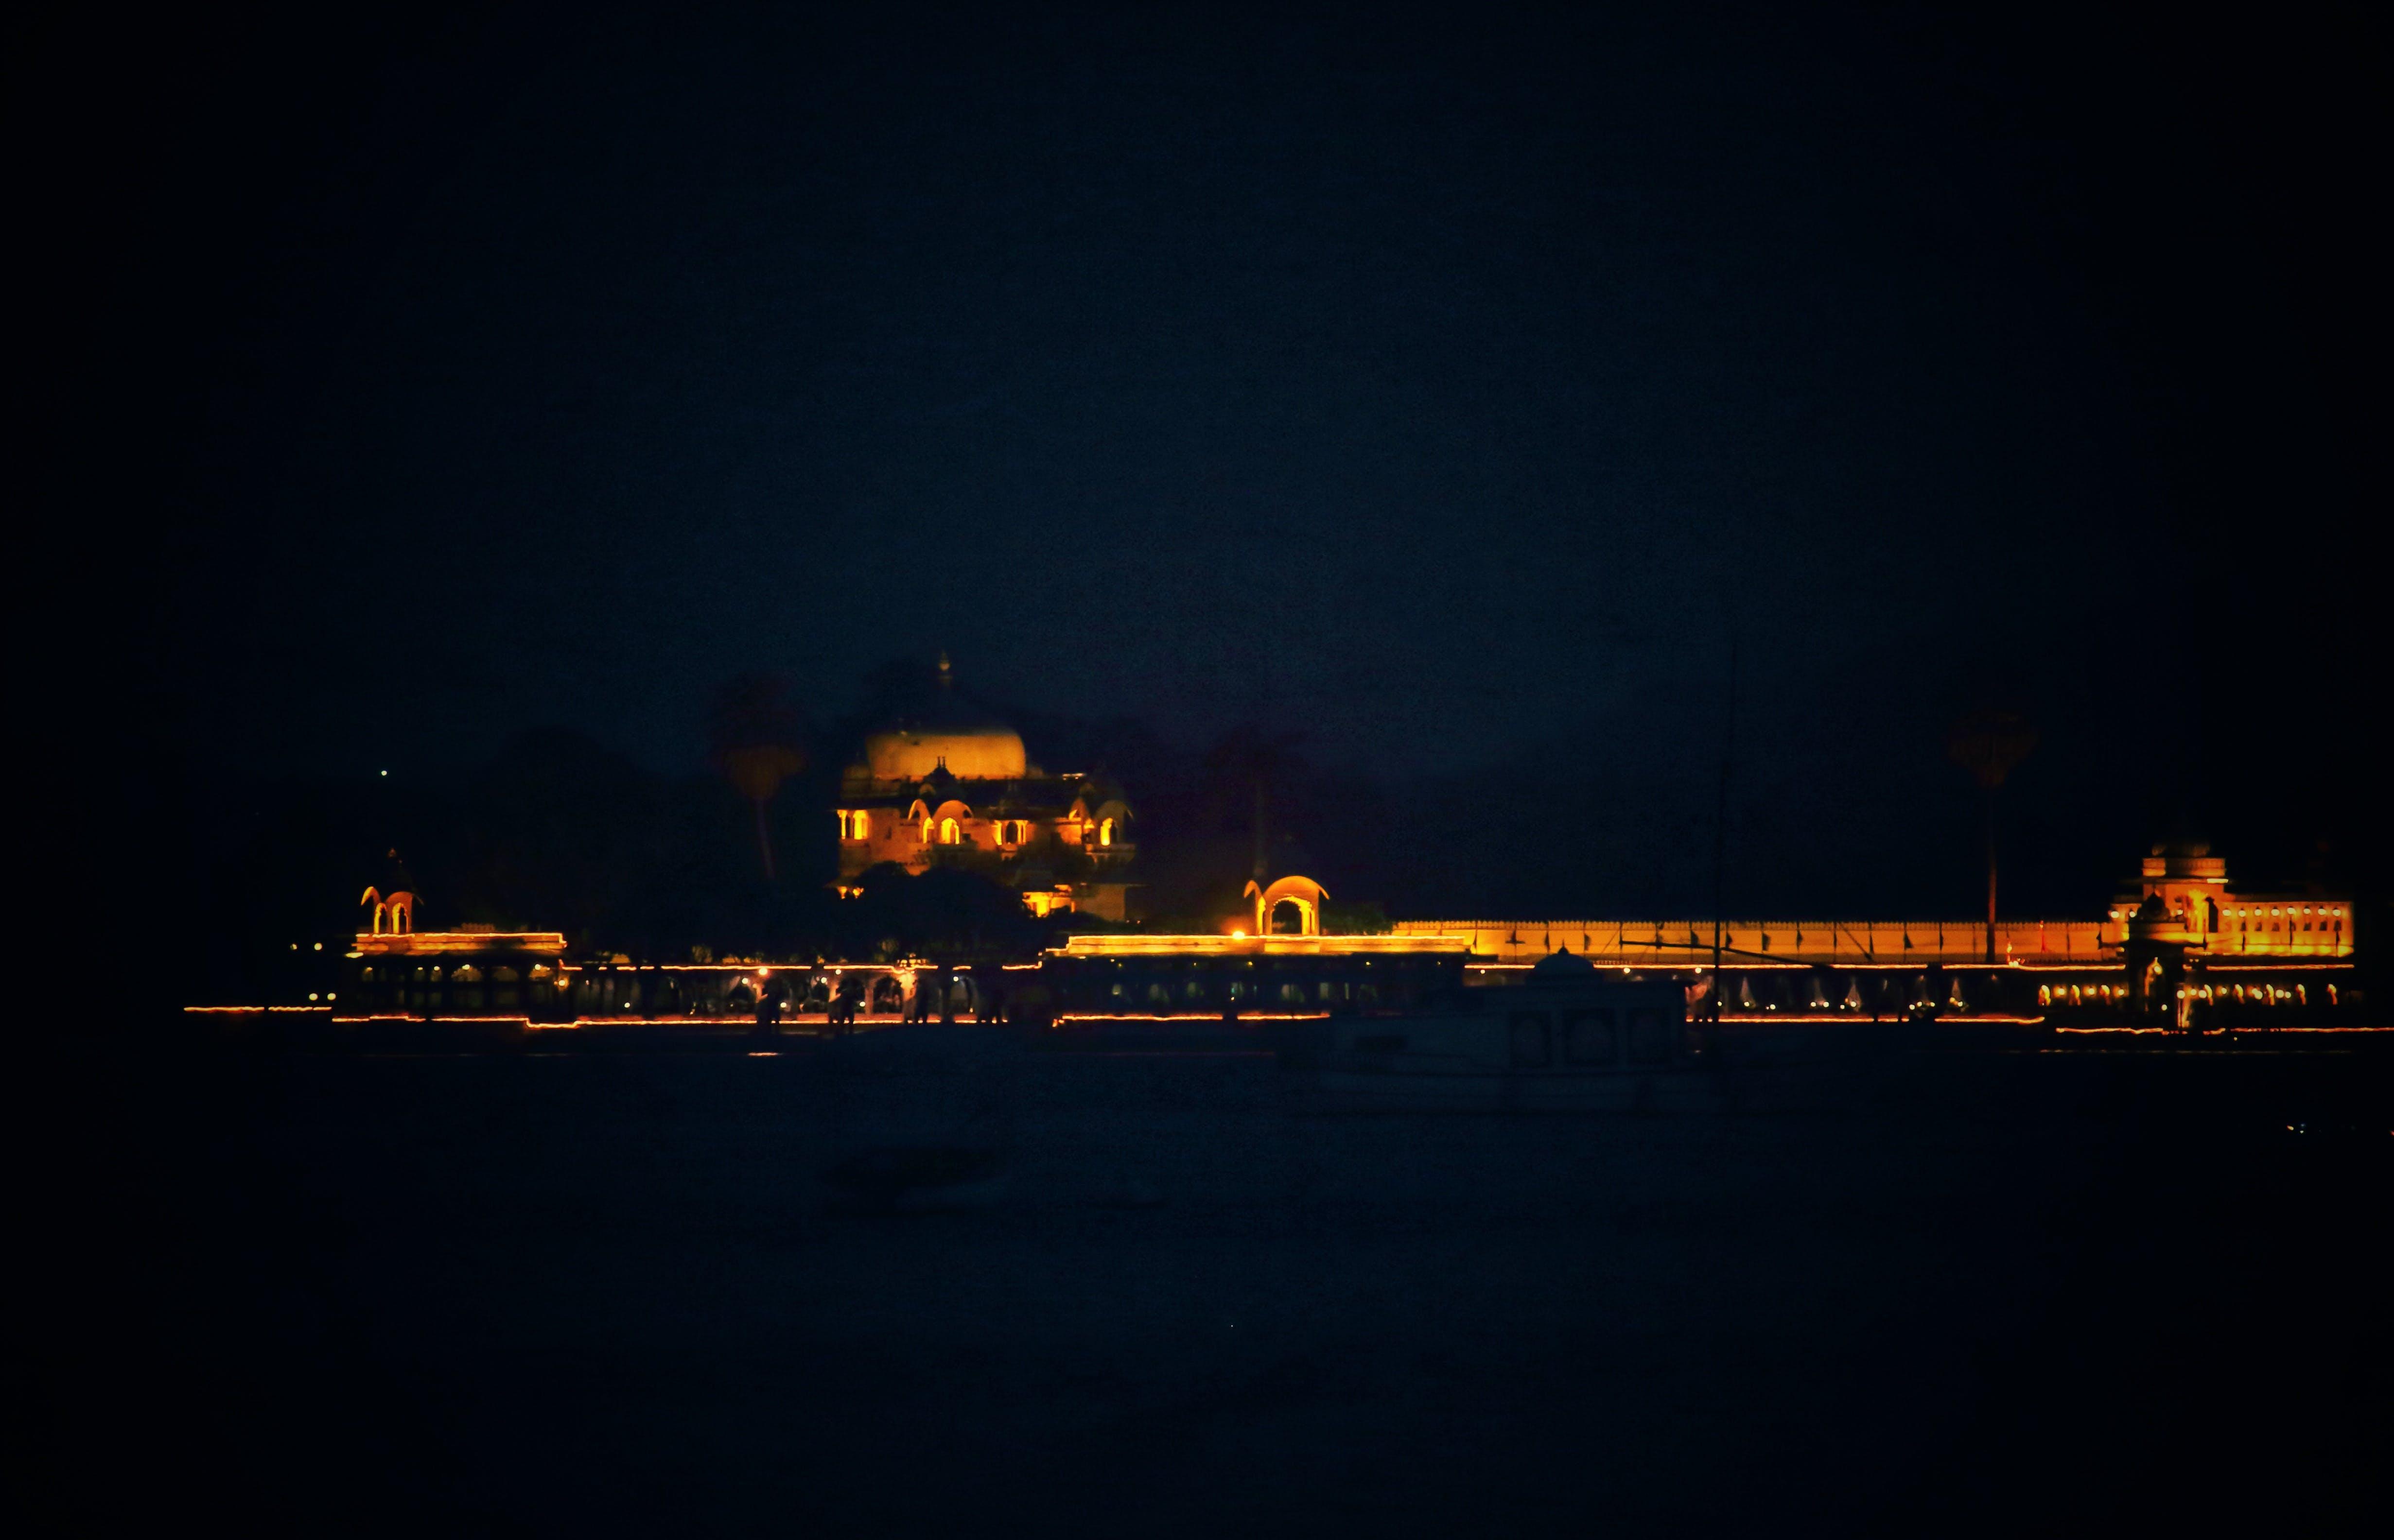 Gratis stockfoto met #best_ig_photographers #all_shots #ig_captures #lo, #nightphotography #udaipur #gangaurghat